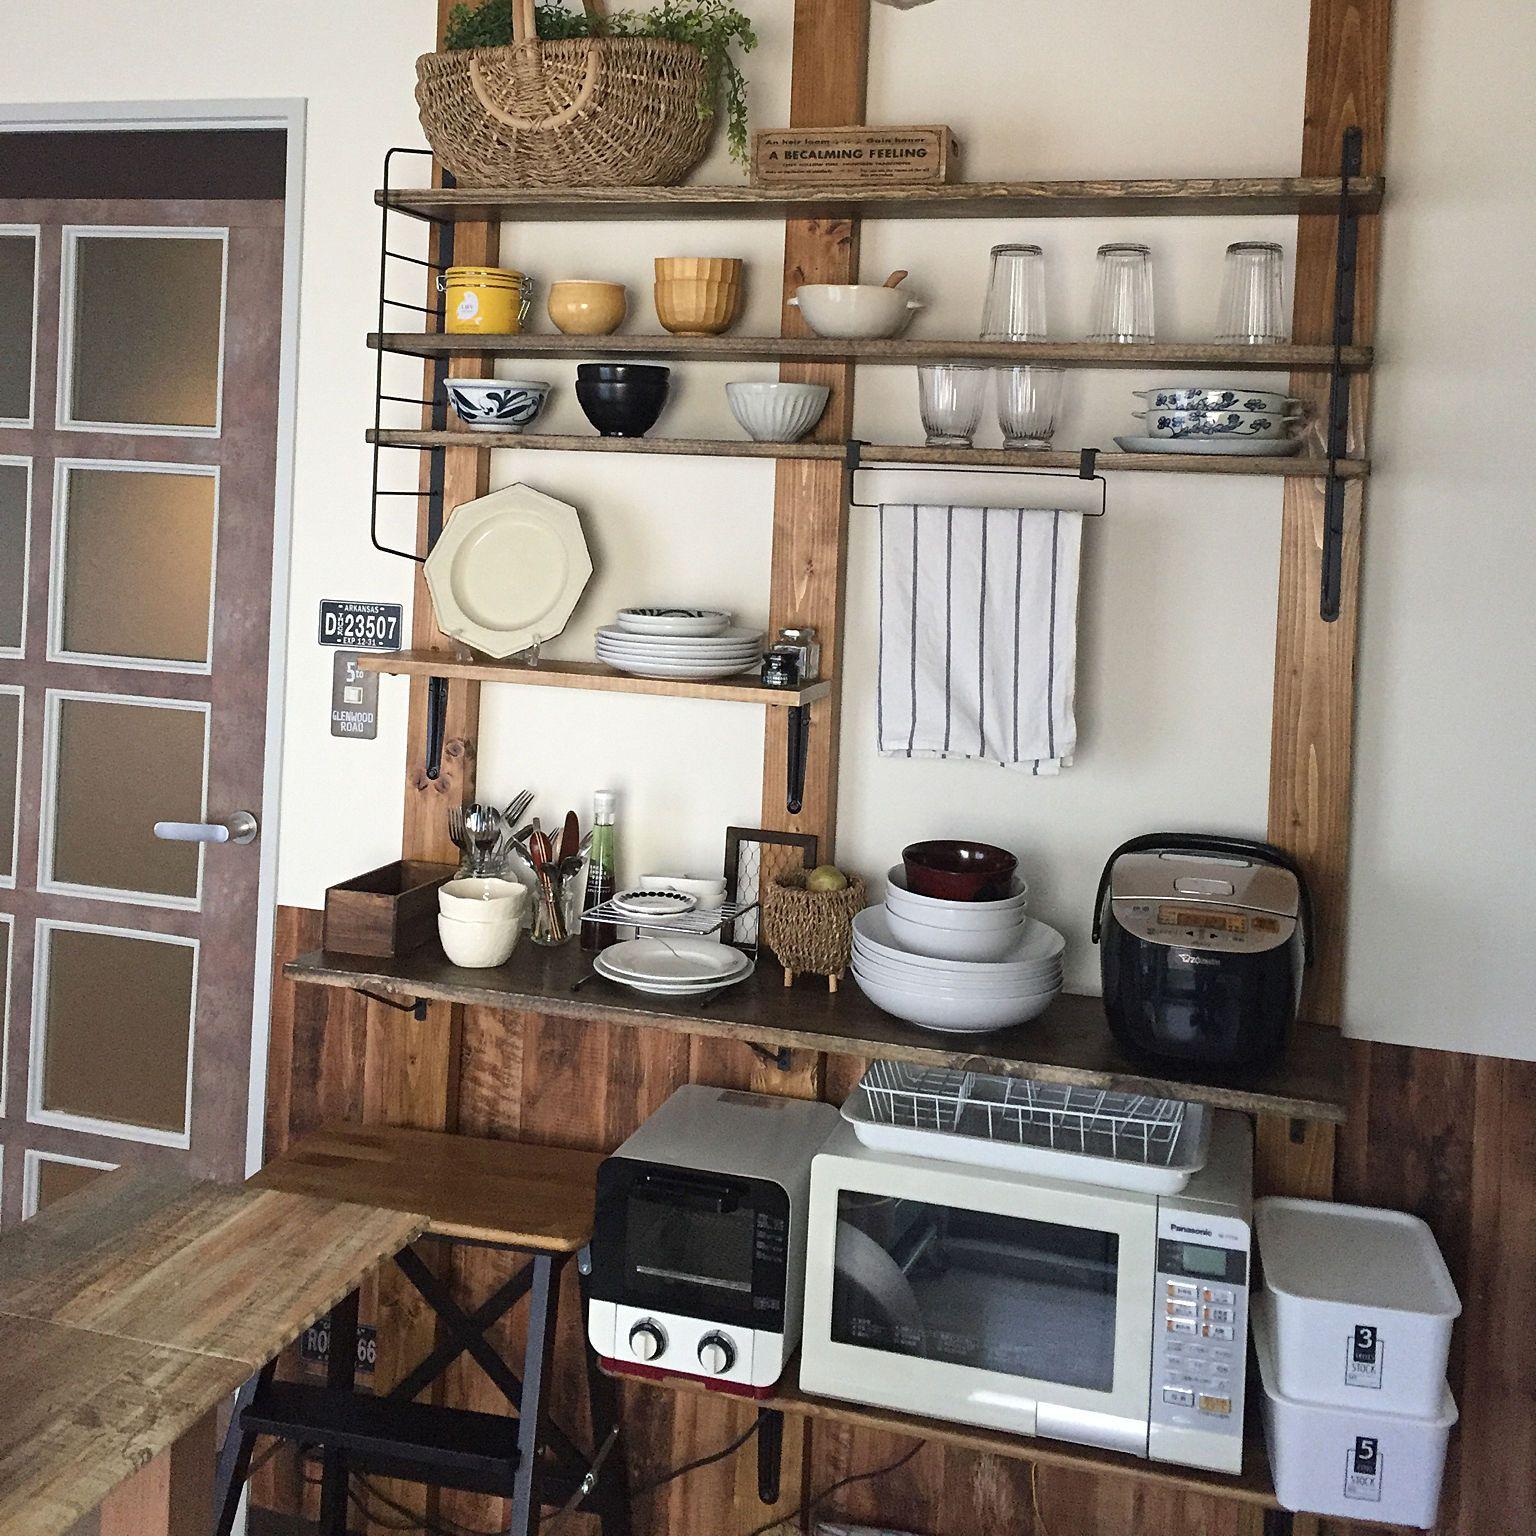 棚 シェルフフレーム 自己流diy 食器棚diy キッチン棚diy などの